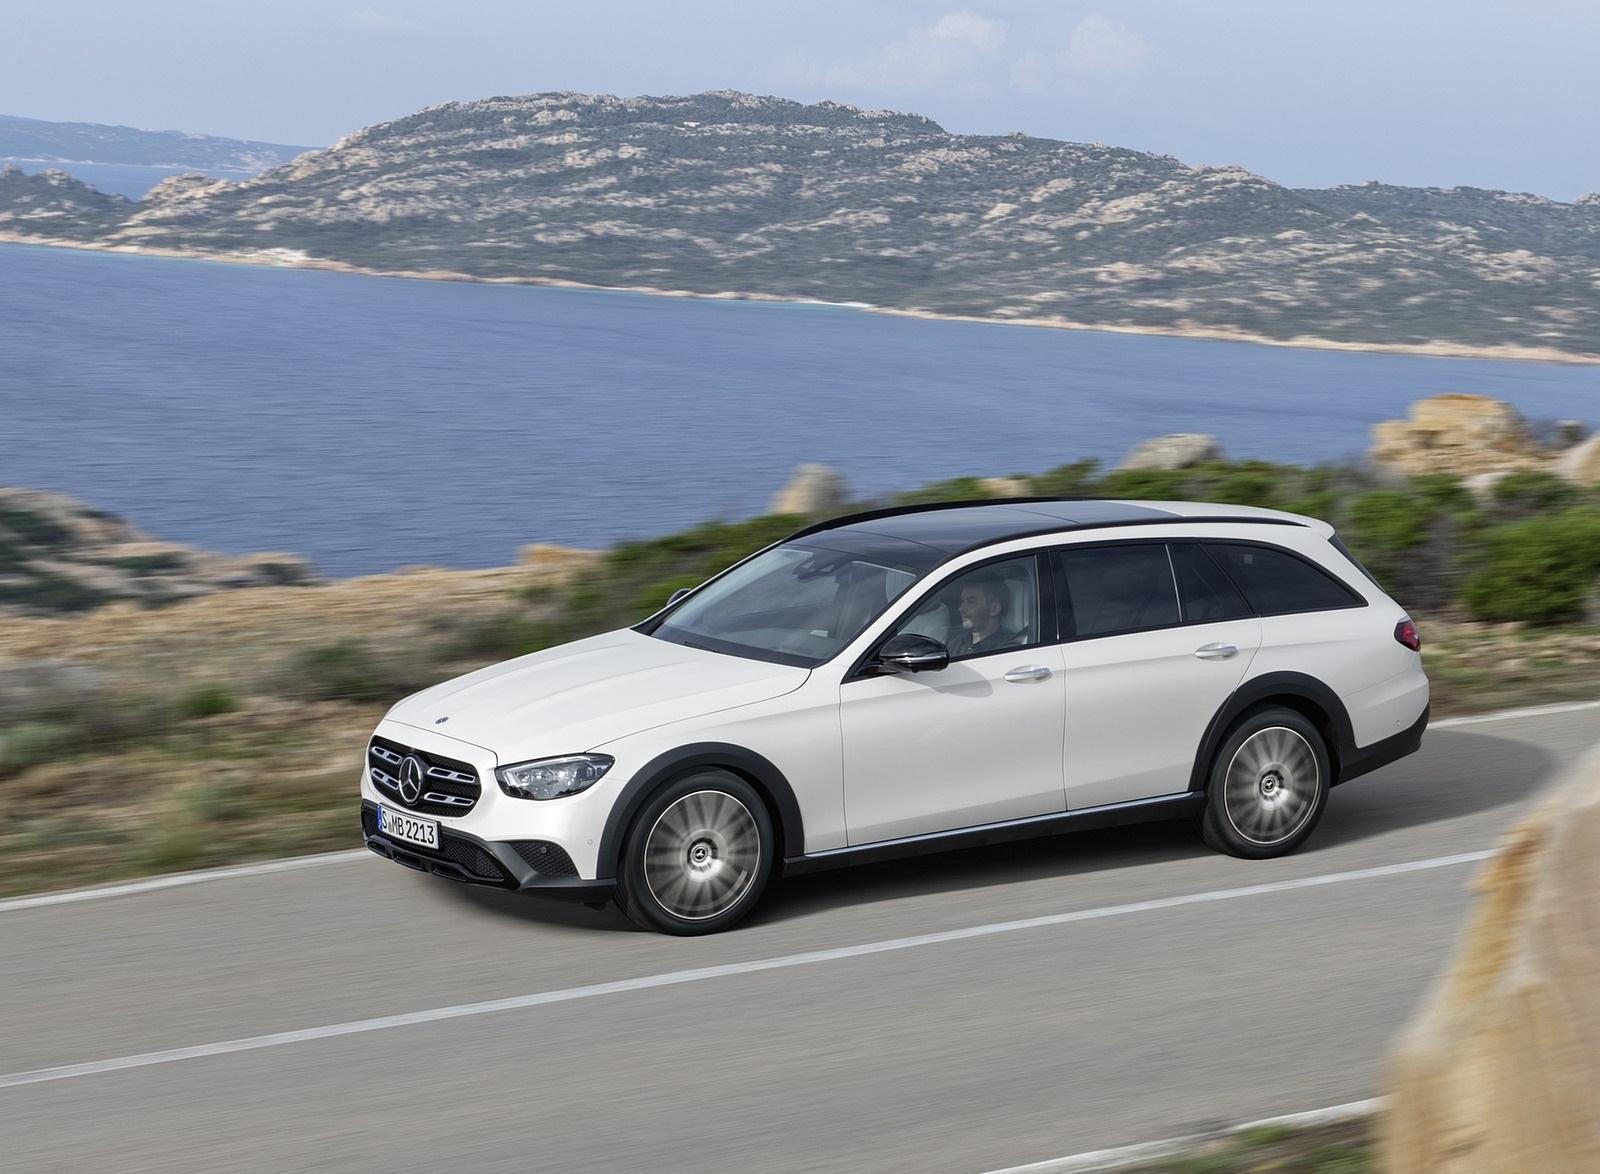 2021 Mercedes-Benz E-Class All-Terrain Line Avantgarde (Color: Designo Diamond White Bright) Front Three-Quarter Wallpapers (3)